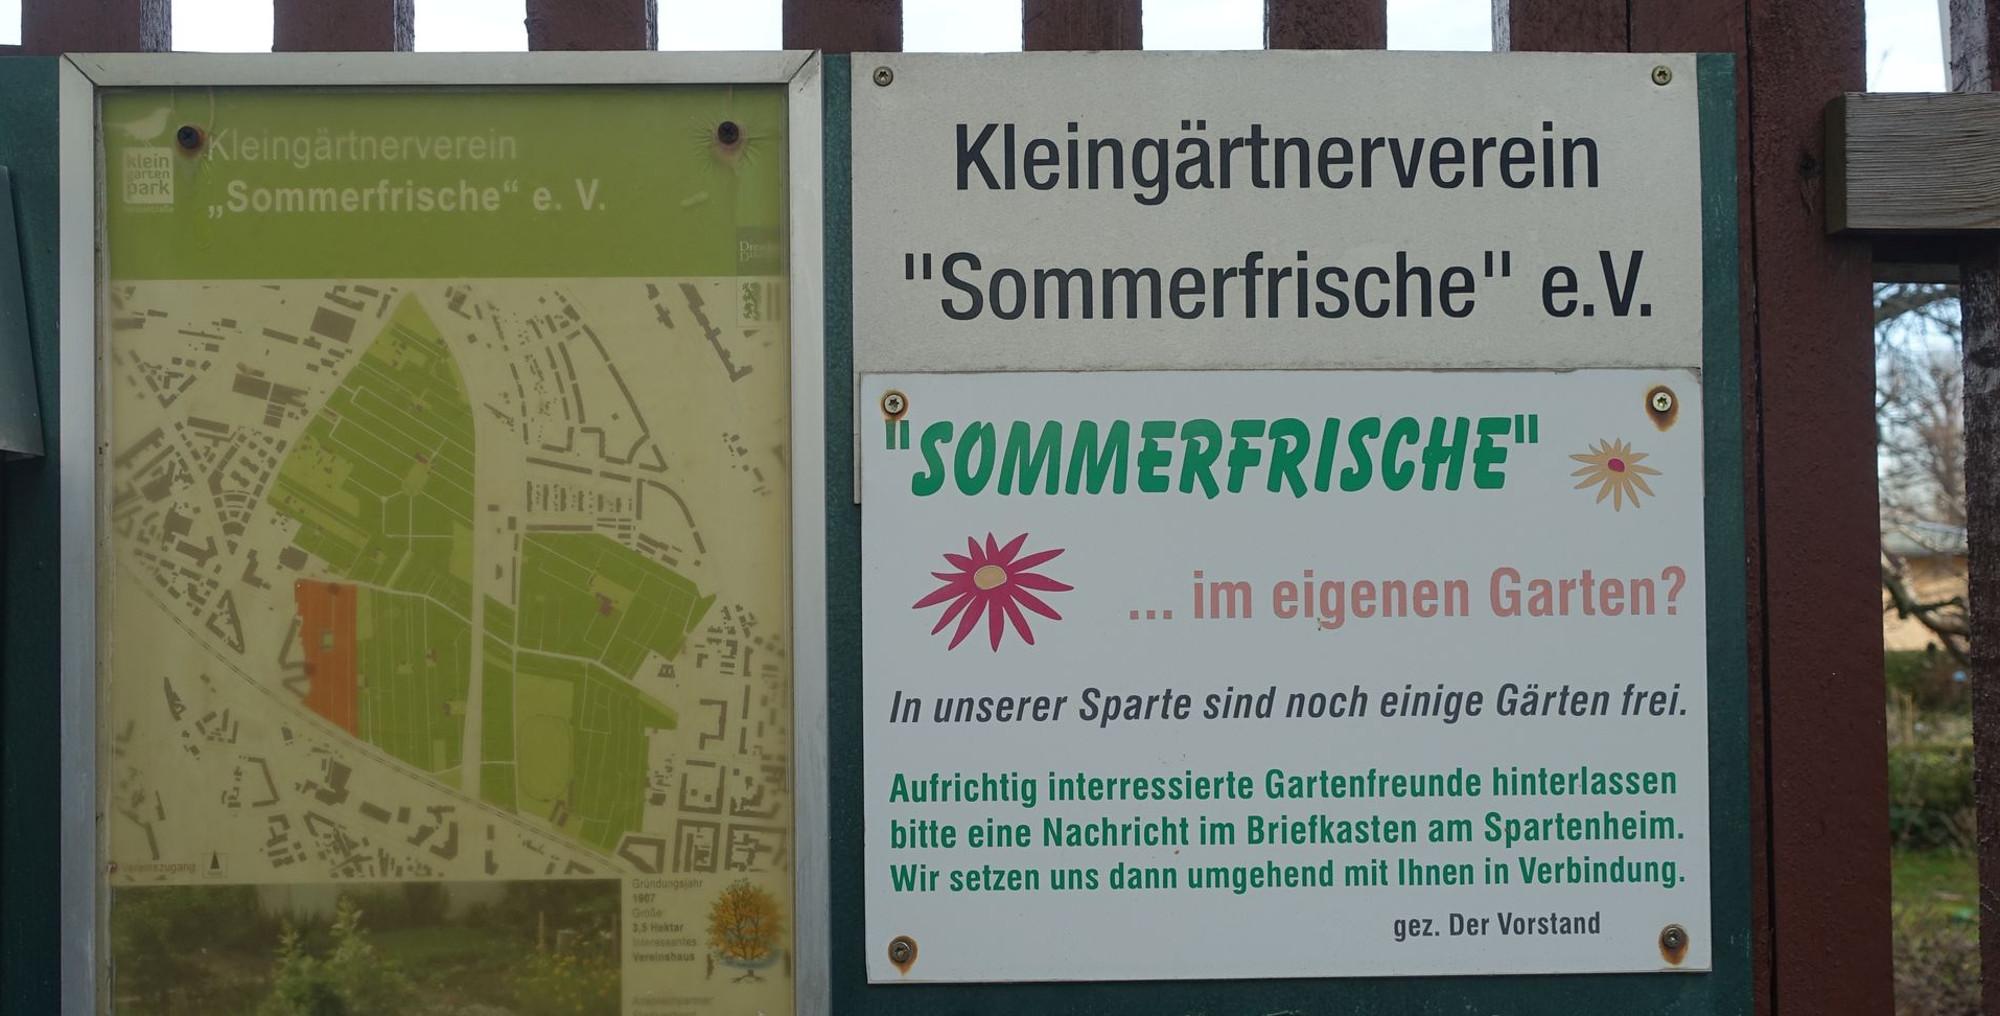 Kleingartenverein Sommerfrische